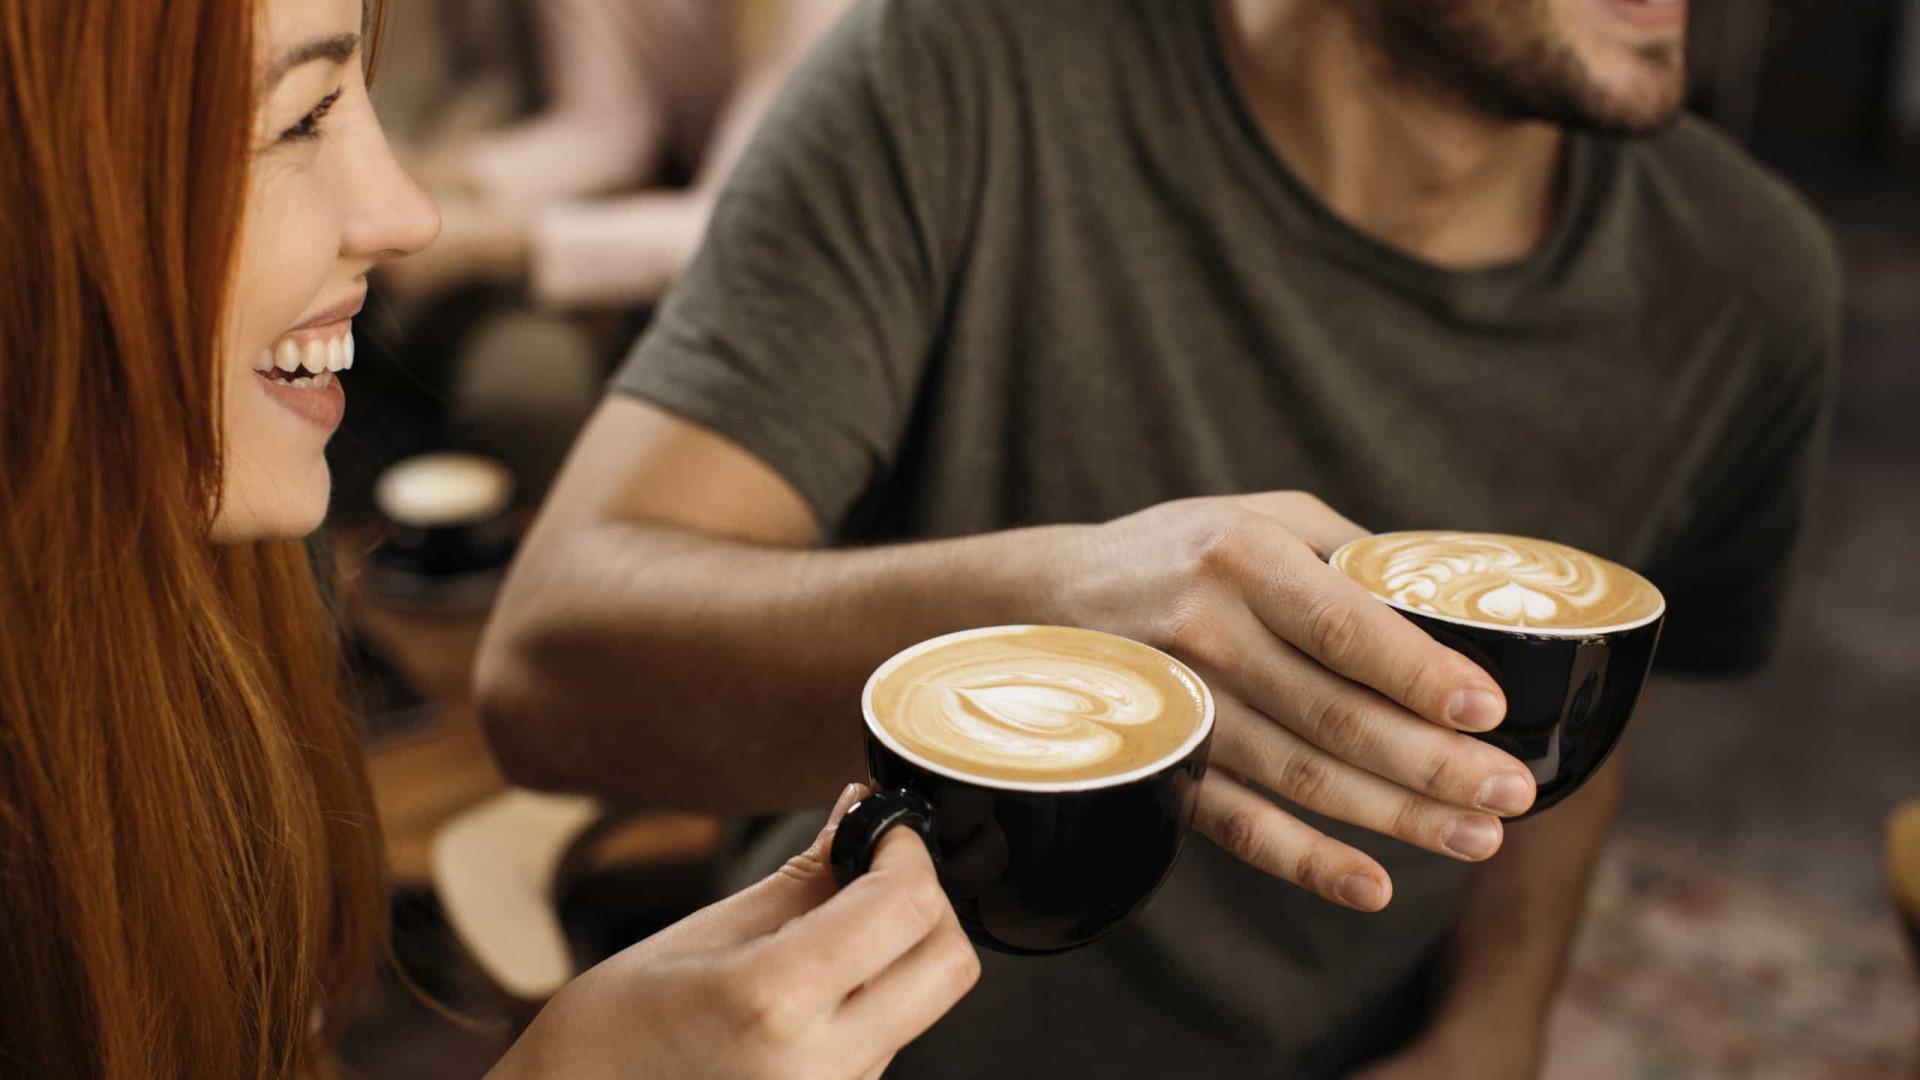 Café reduz barriga e apetite, diz estudo